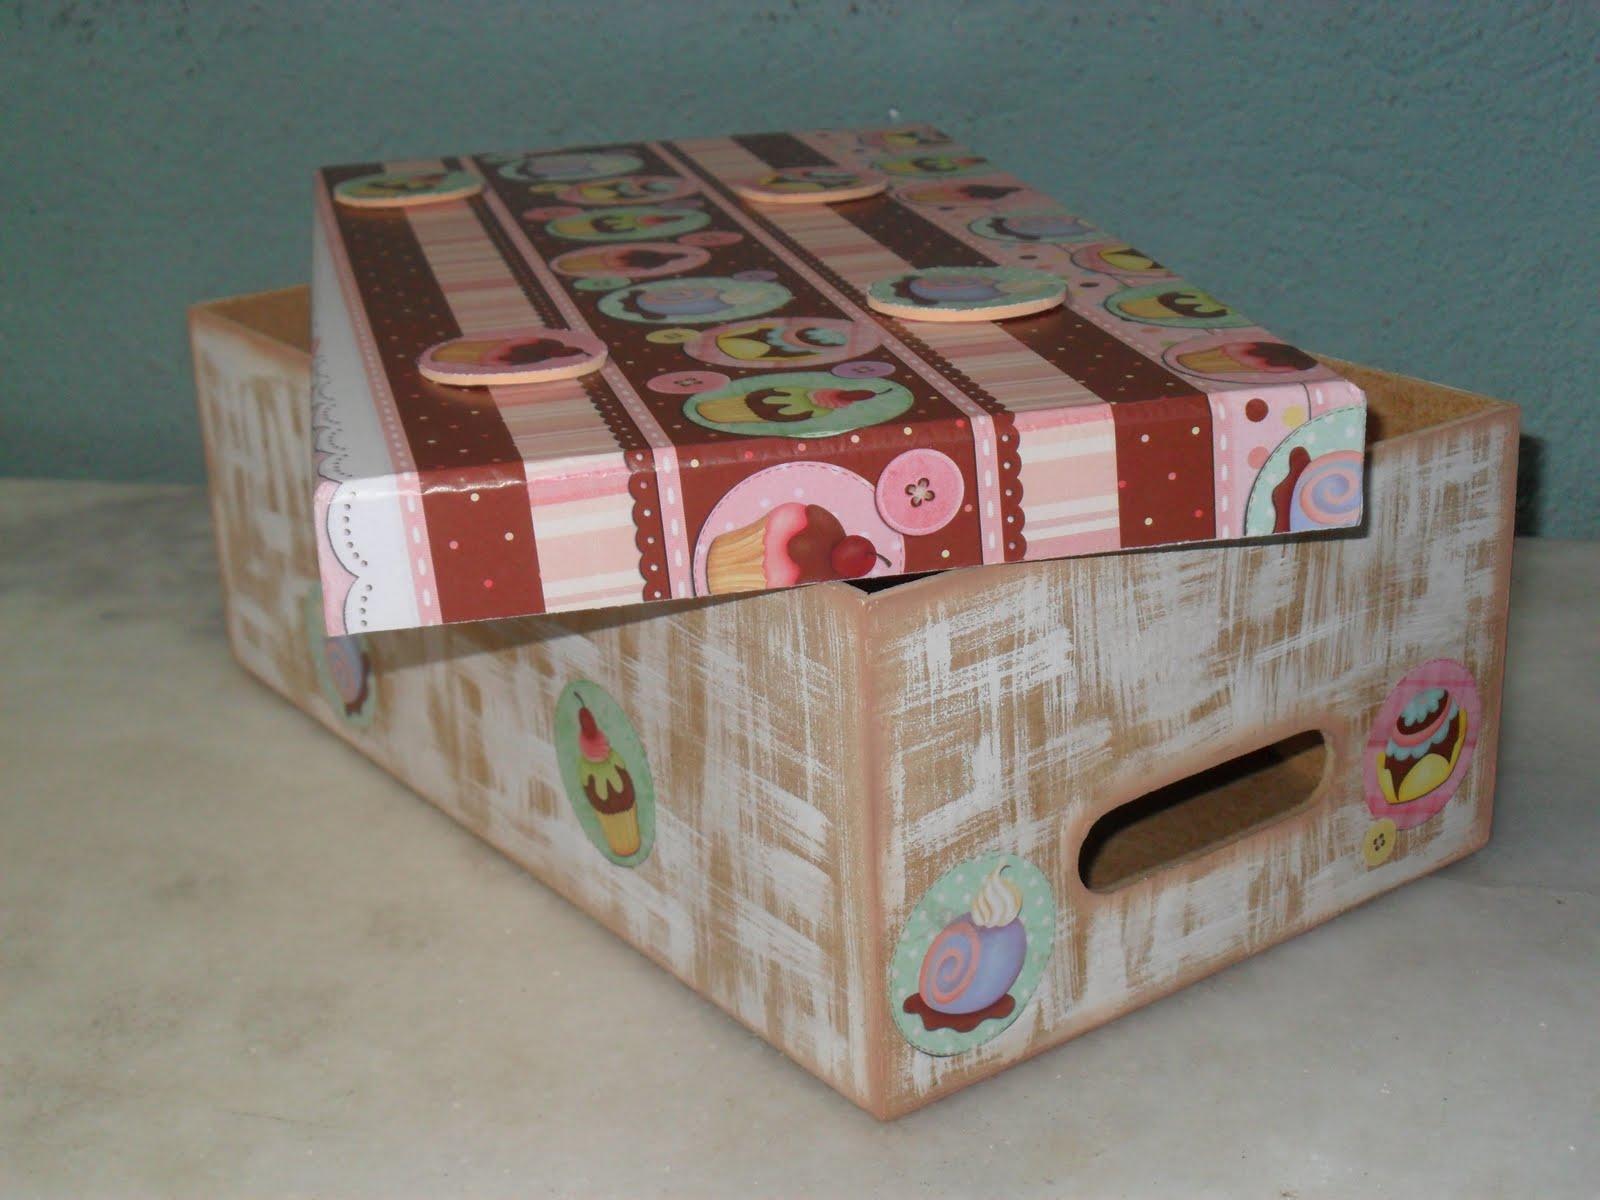 #764136 Emanuelle Rosa Biscuit: Caixas de madeira decoradas II 1600x1200 px caixas de madeira para orquideas @ bernauer.info Móveis Antigos Novos E Usados Online